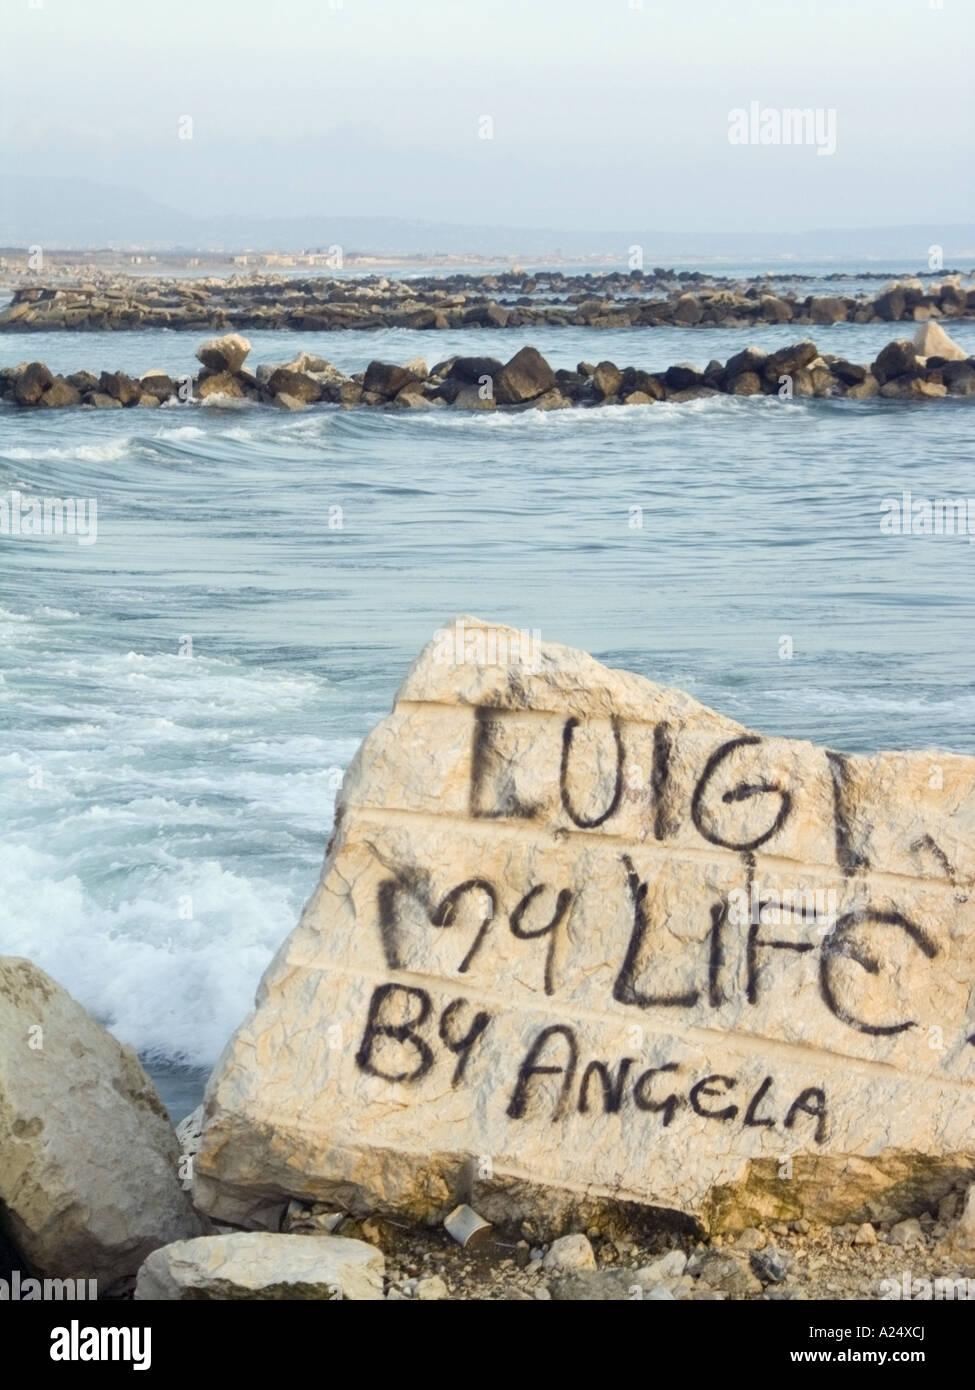 Amor murales sobre una roca, la playa de Villaggio Coppola, contaminación de Nápoles, Italia, campania Imagen De Stock